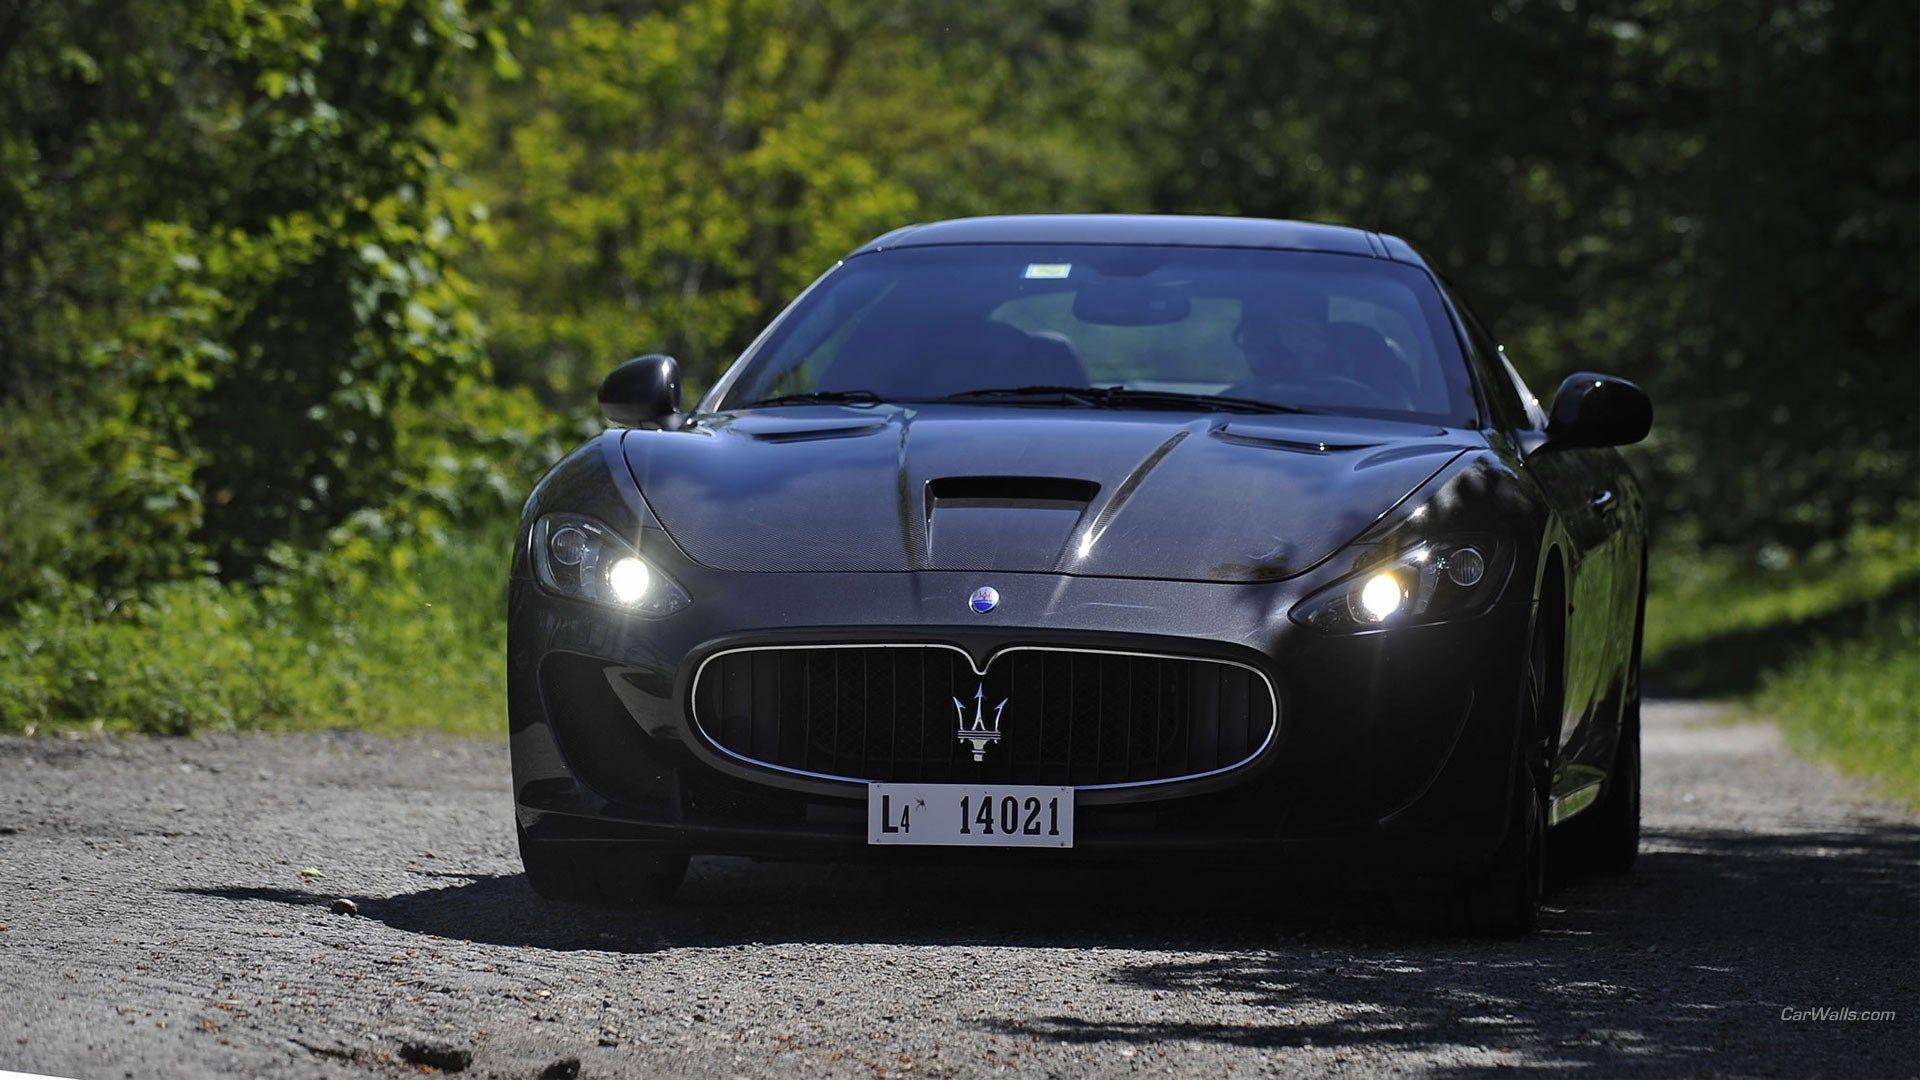 2014 Maserati Granturismo Mc Stradale Free Hd Widescreen 1920x1080 Maserati Granturismo 2014 Maserati Granturismo Maserati